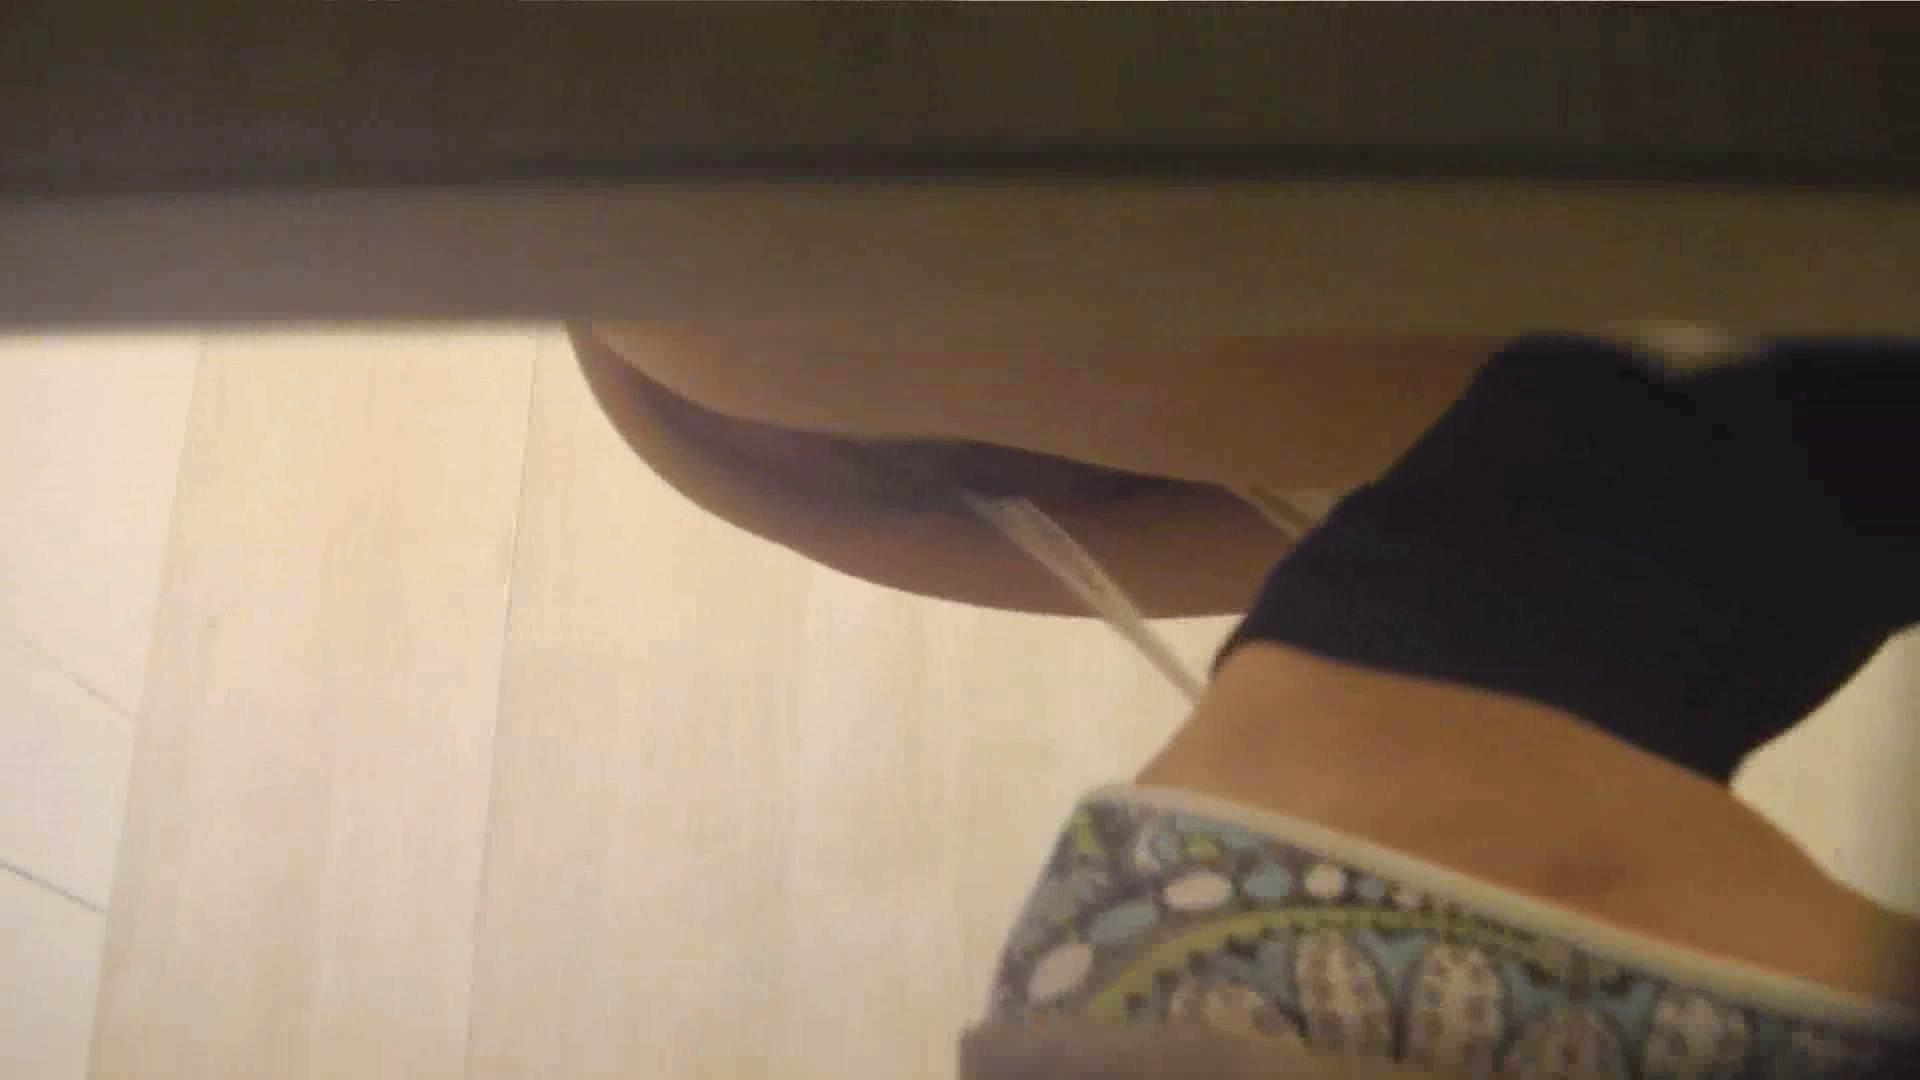 阿国ちゃんの「和式洋式七変化」No.18 iBO(フタコブ) エッチなお姉さん 性交動画流出 98画像 4